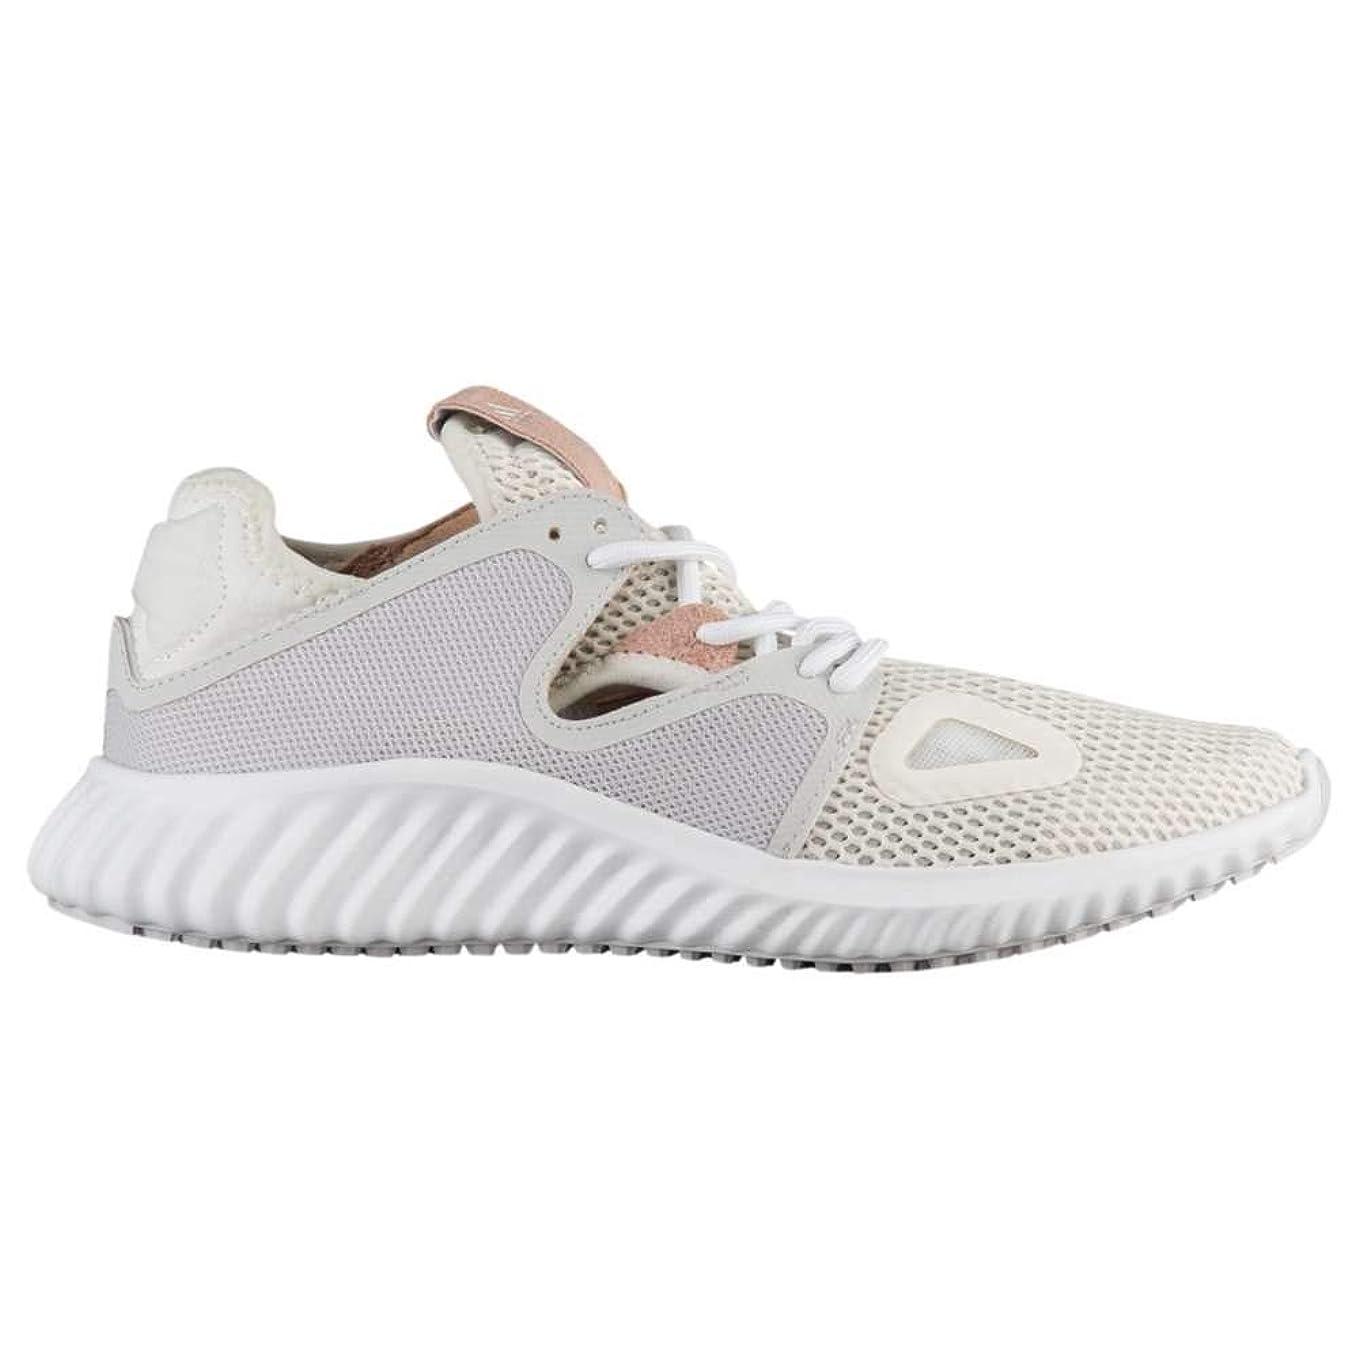 侵略誘うメンバー(アディダス) adidas レディース ランニング?ウォーキング シューズ?靴 Run Lux Clima [並行輸入品]